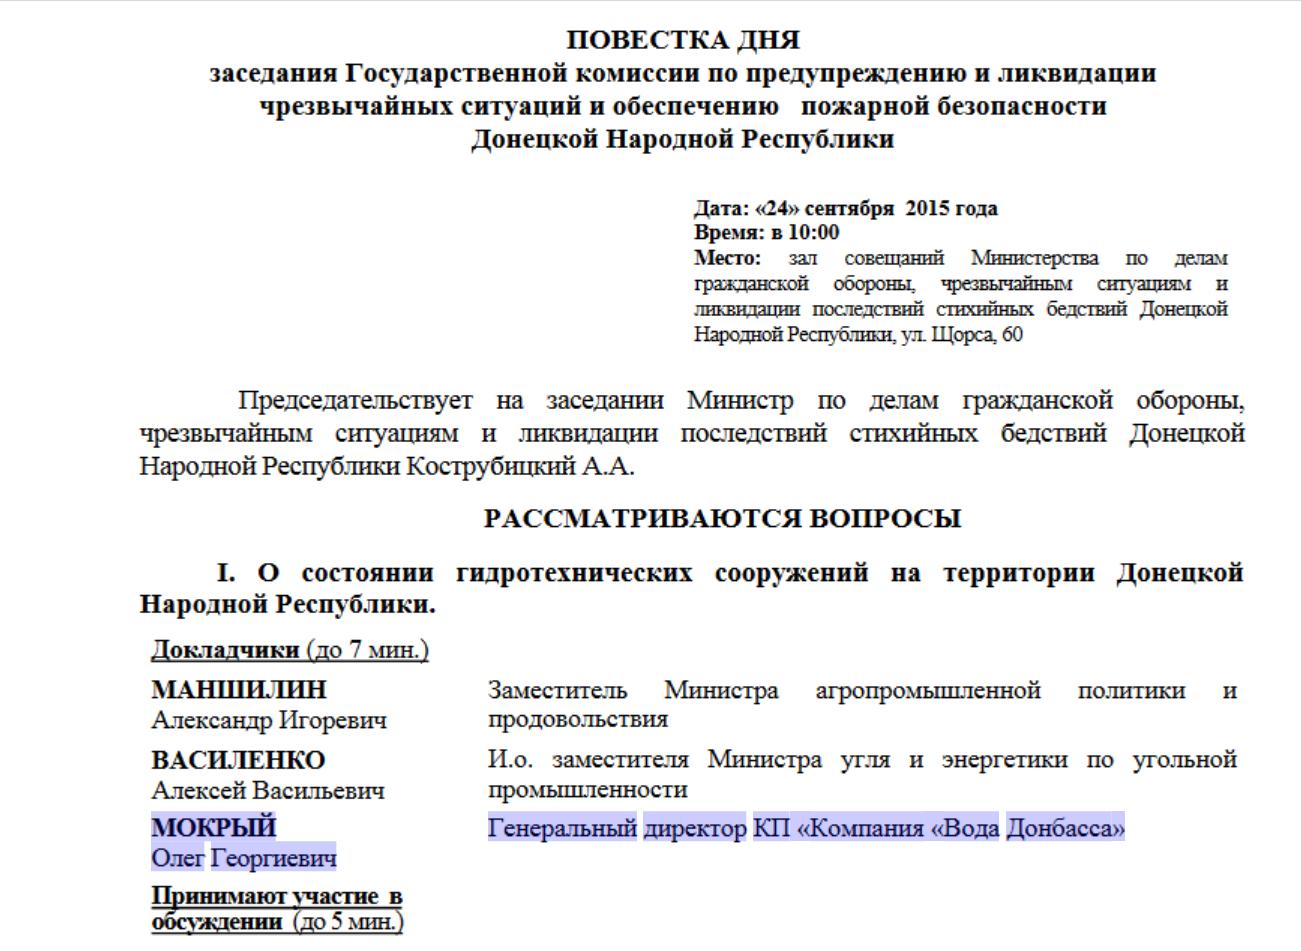 """В документах т.н. """"ДНР"""" есть упоминания о бывшем гендиректоре """"Воды Донбасса"""" Олеге Мокром"""